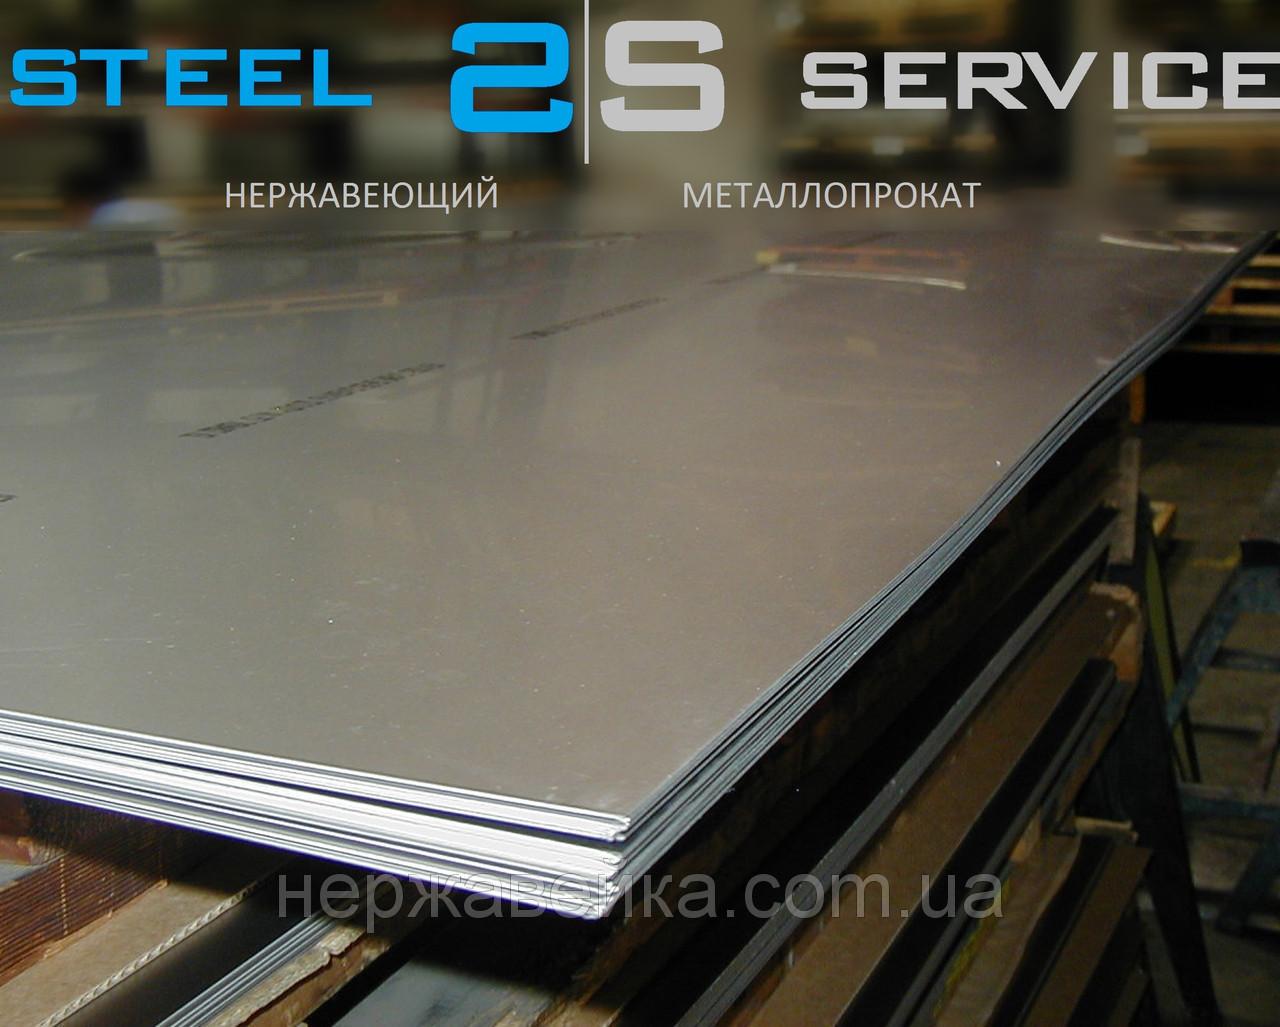 Листовая нержавейка 2х1250х2500мм AiSi 201  (12Х15Г9НД) - 2B - матовый